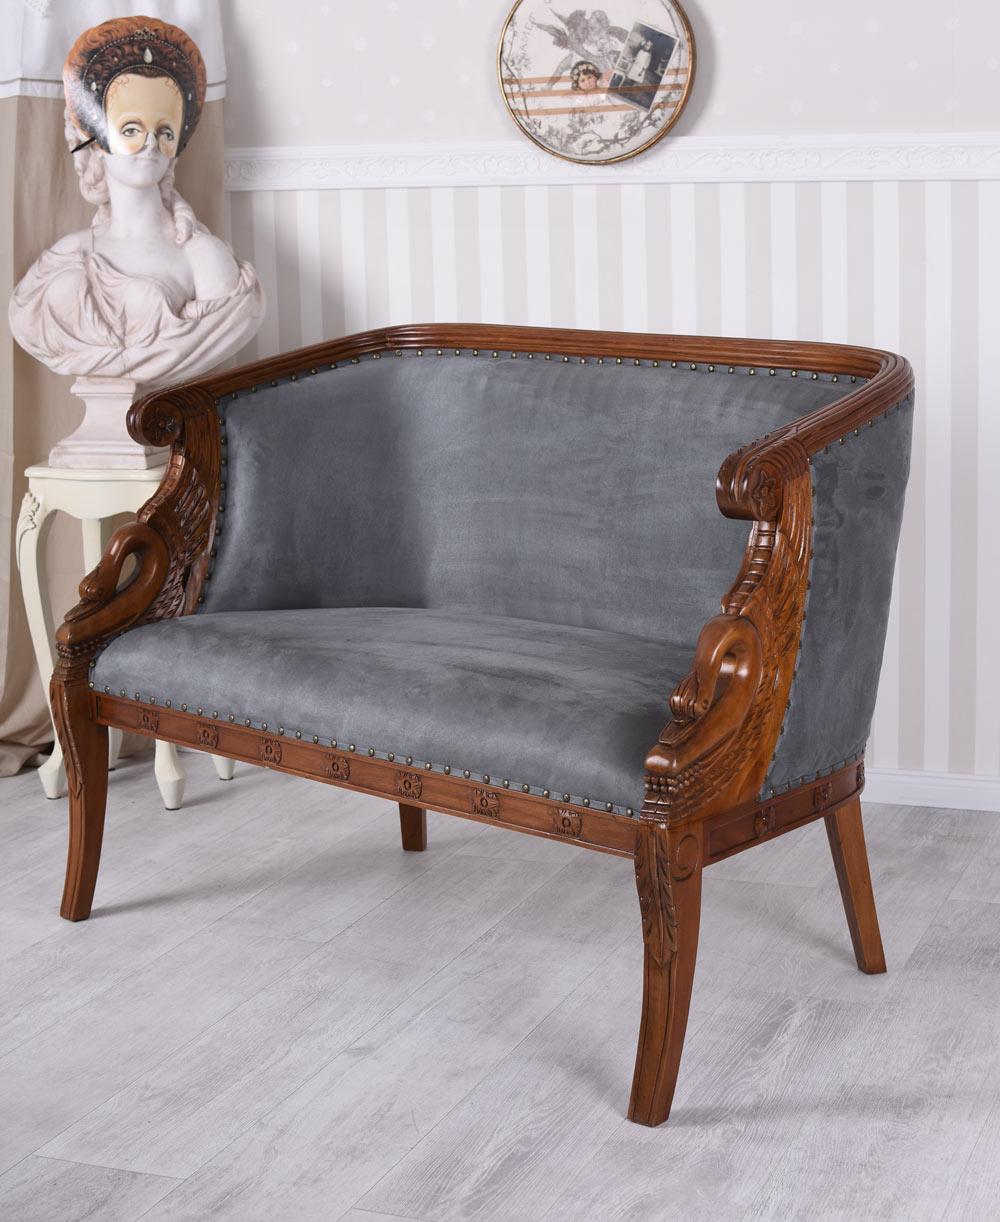 canap josephine banc biedermeier canap acajou bois. Black Bedroom Furniture Sets. Home Design Ideas